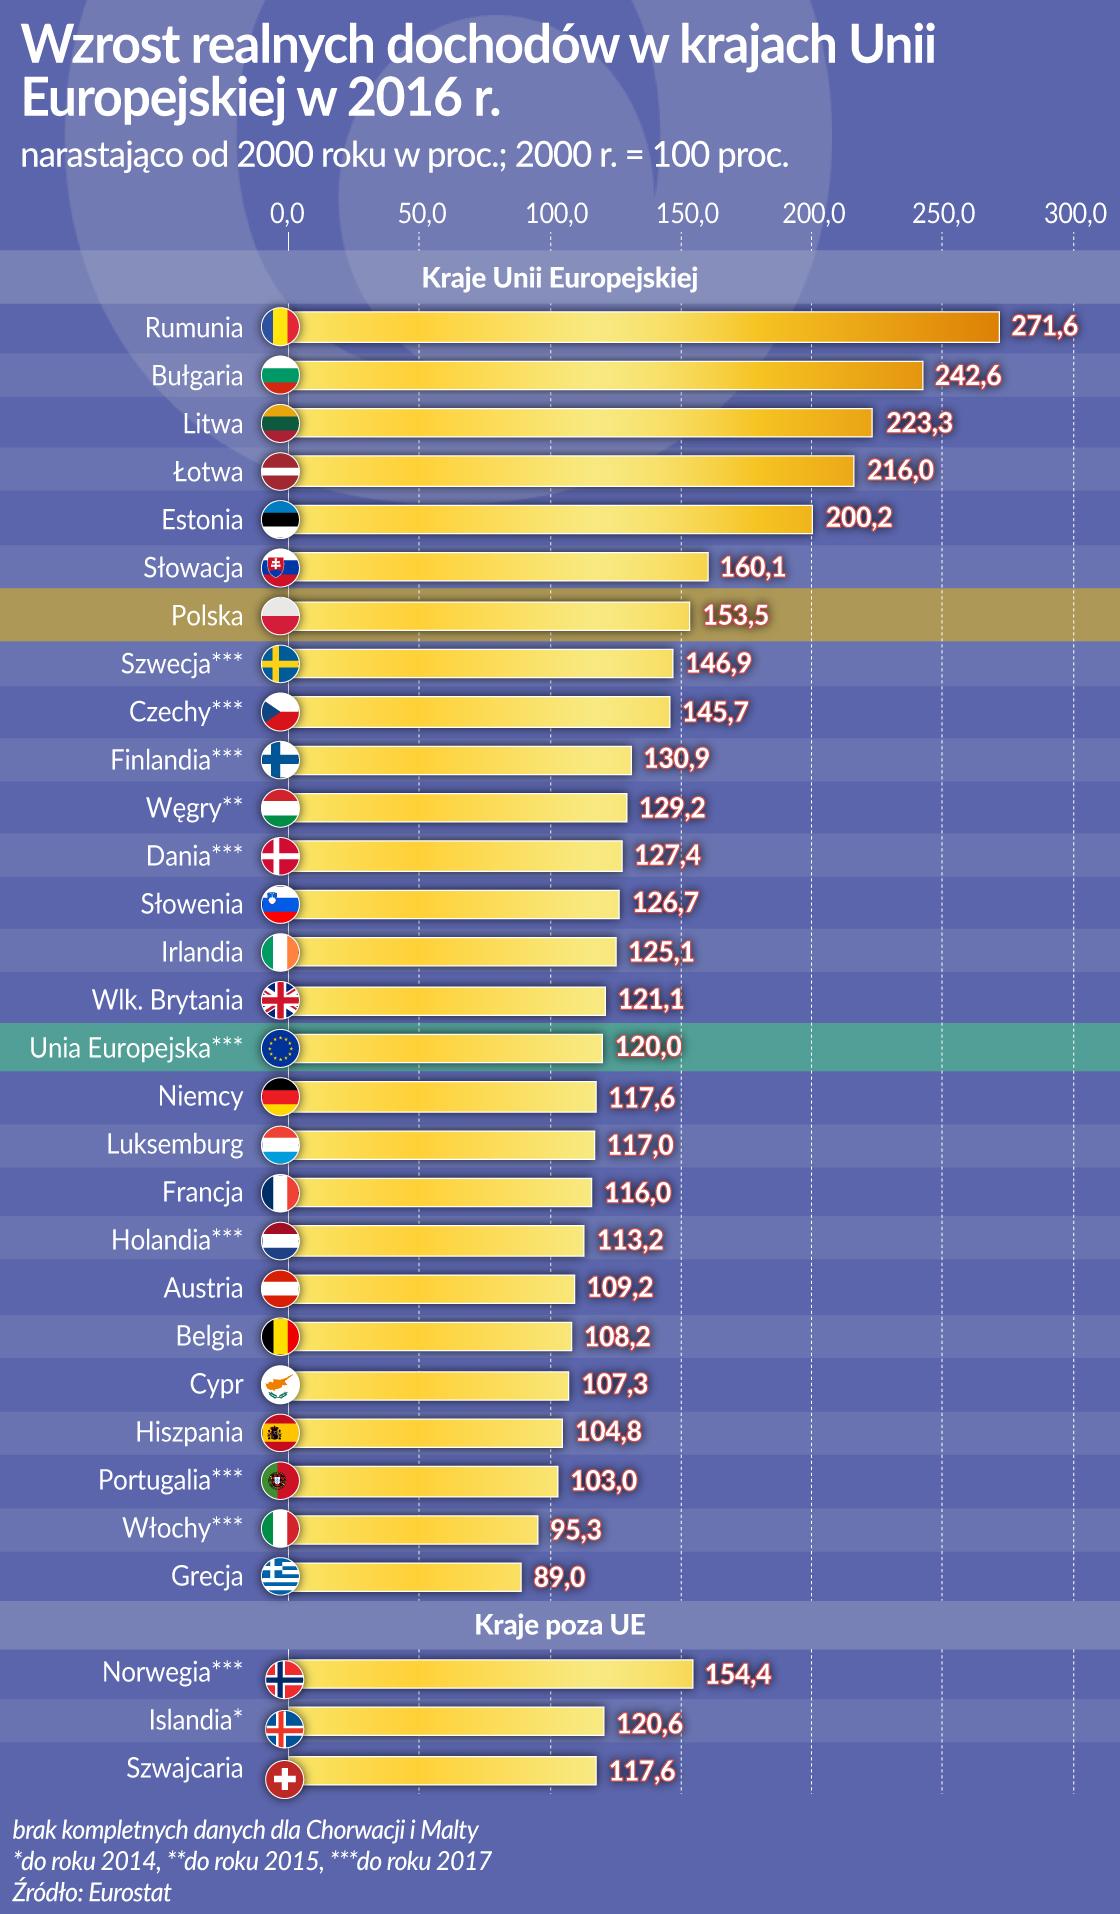 OKO_dchody realne_UE